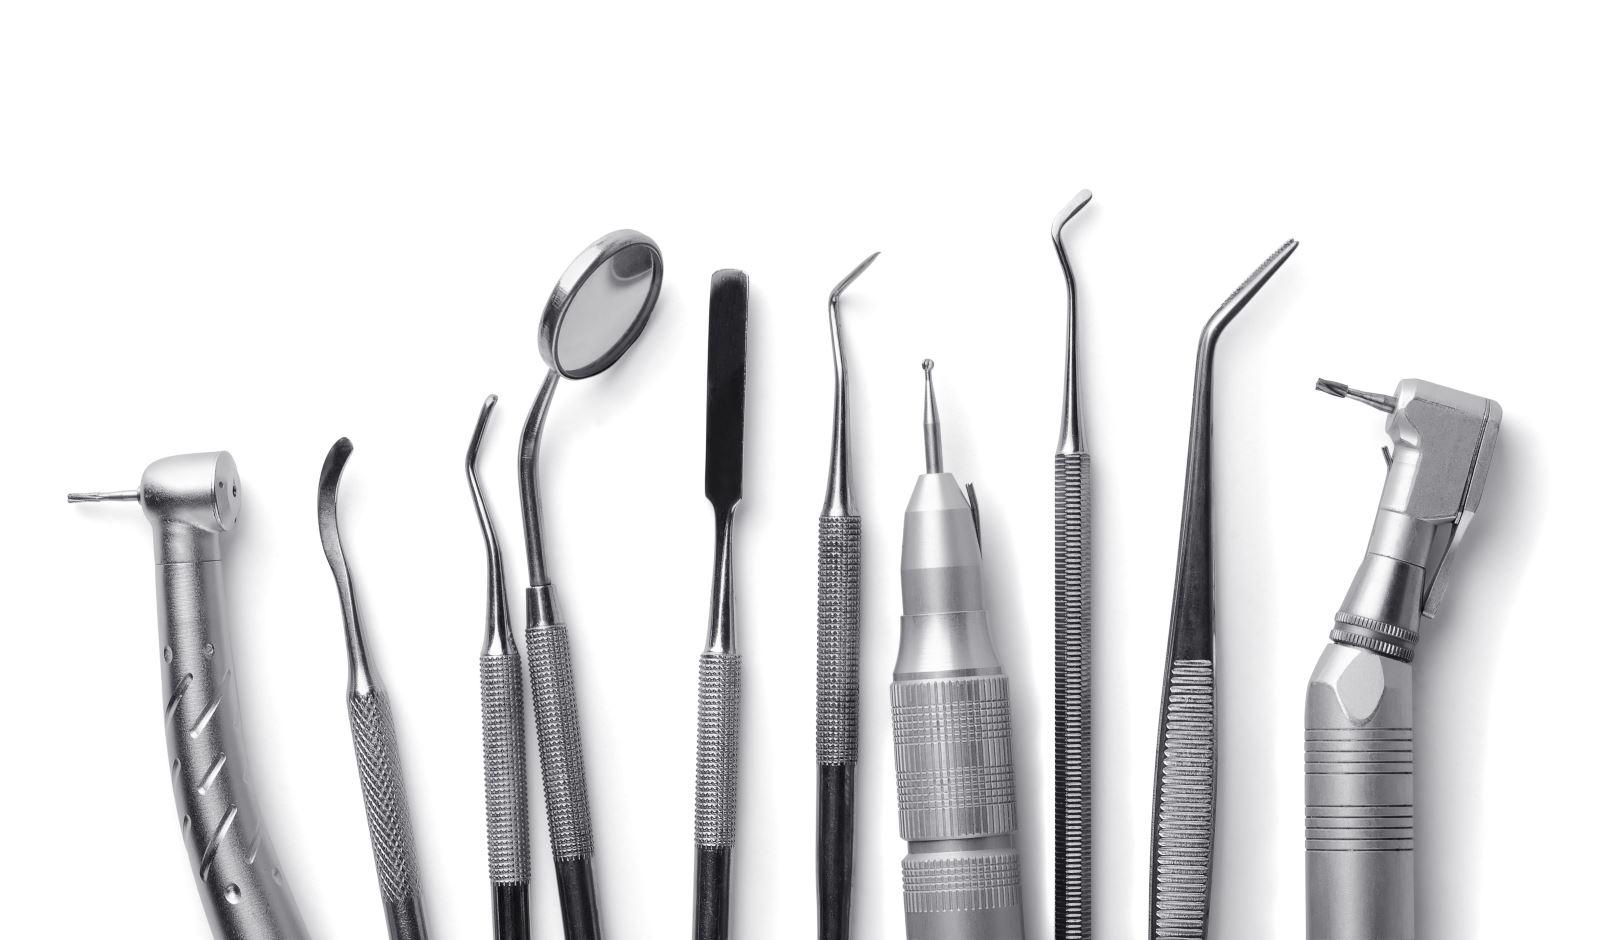 specchietti,rampini,turbine e altri accessori dentistici